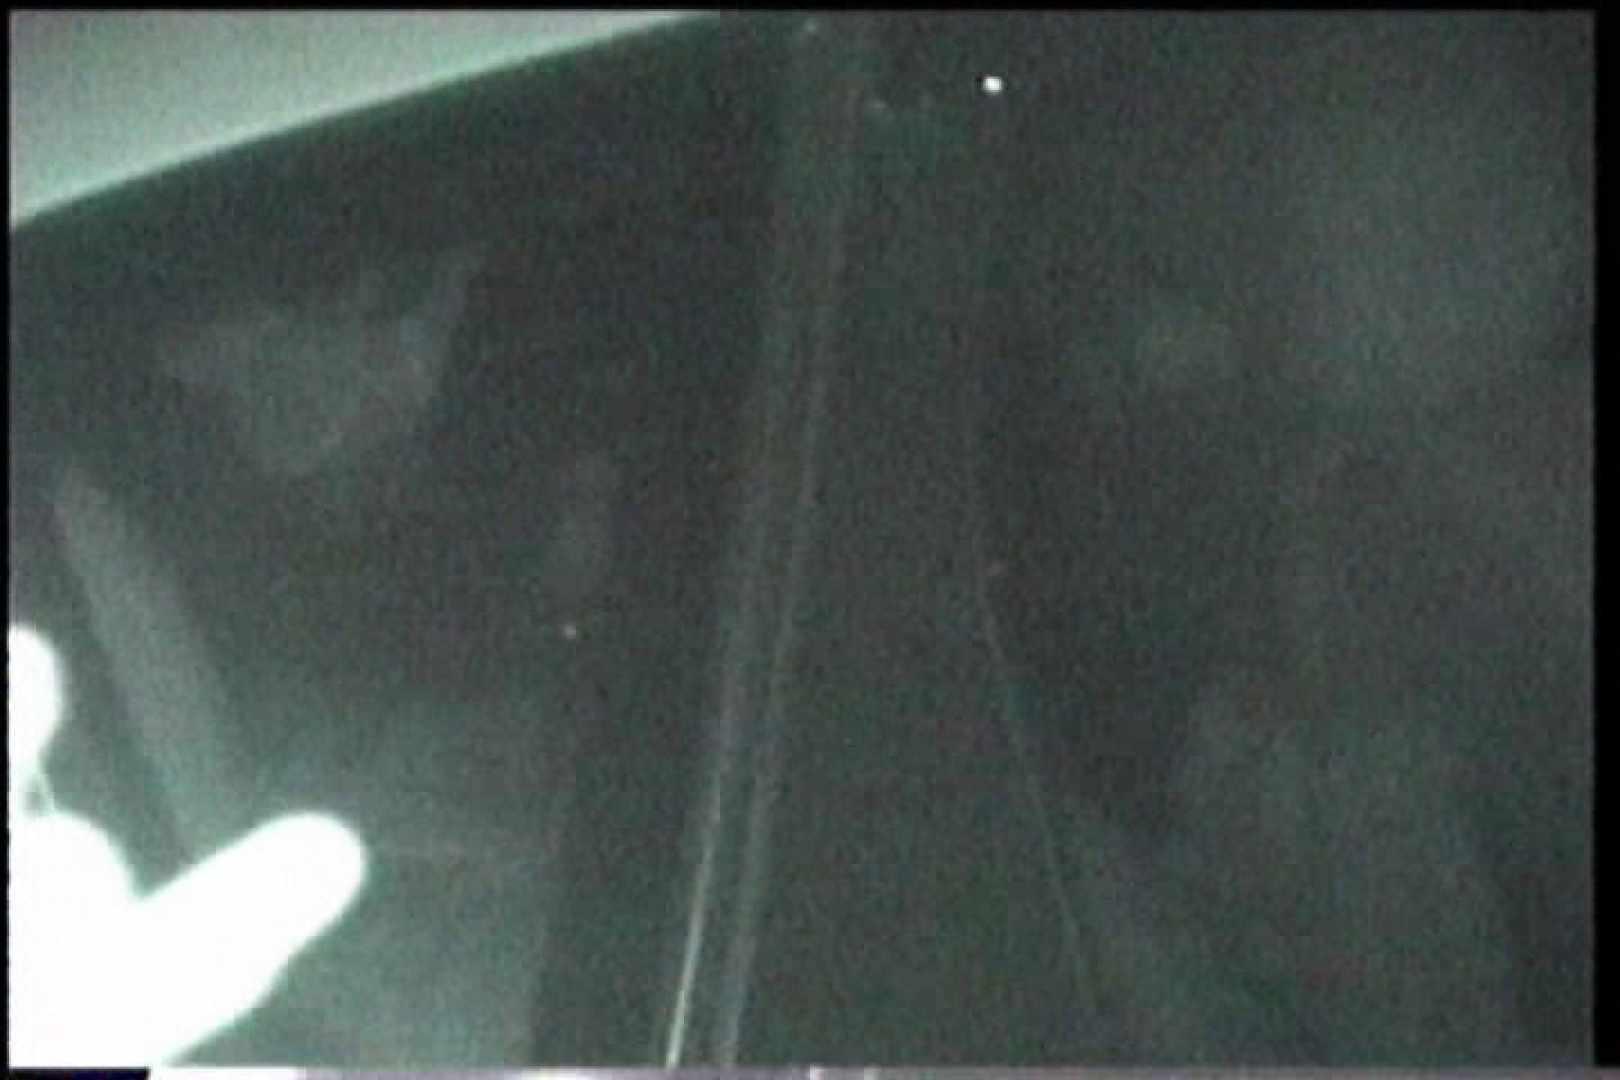 充血監督の深夜の運動会Vol.193 OL女体 エロ画像 105連発 102